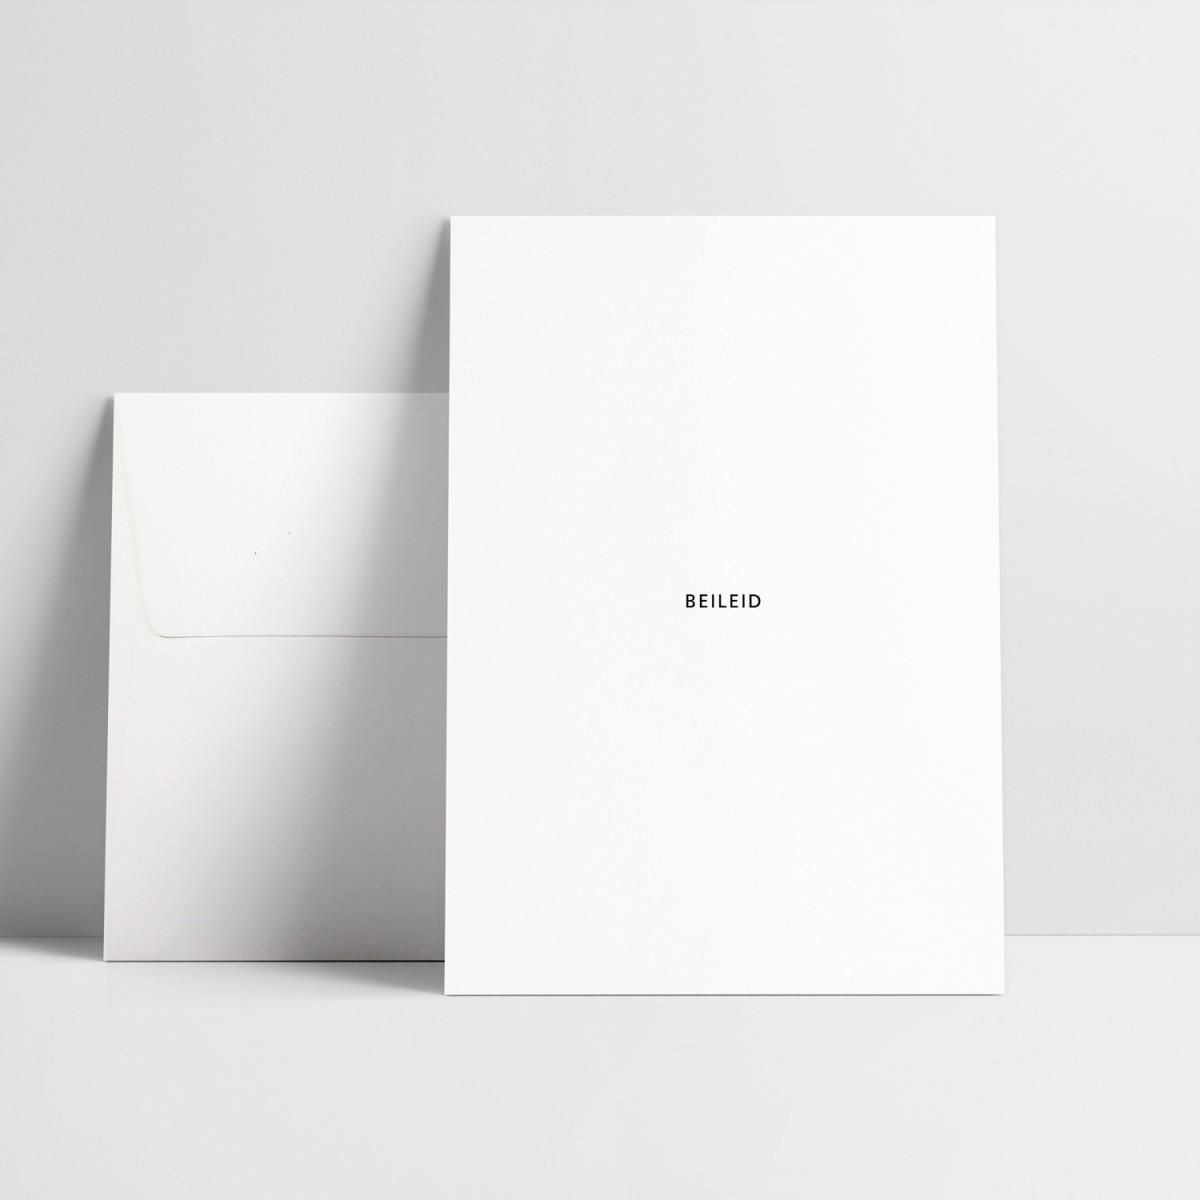 """Kondolenzkarte """"Beileid"""""""